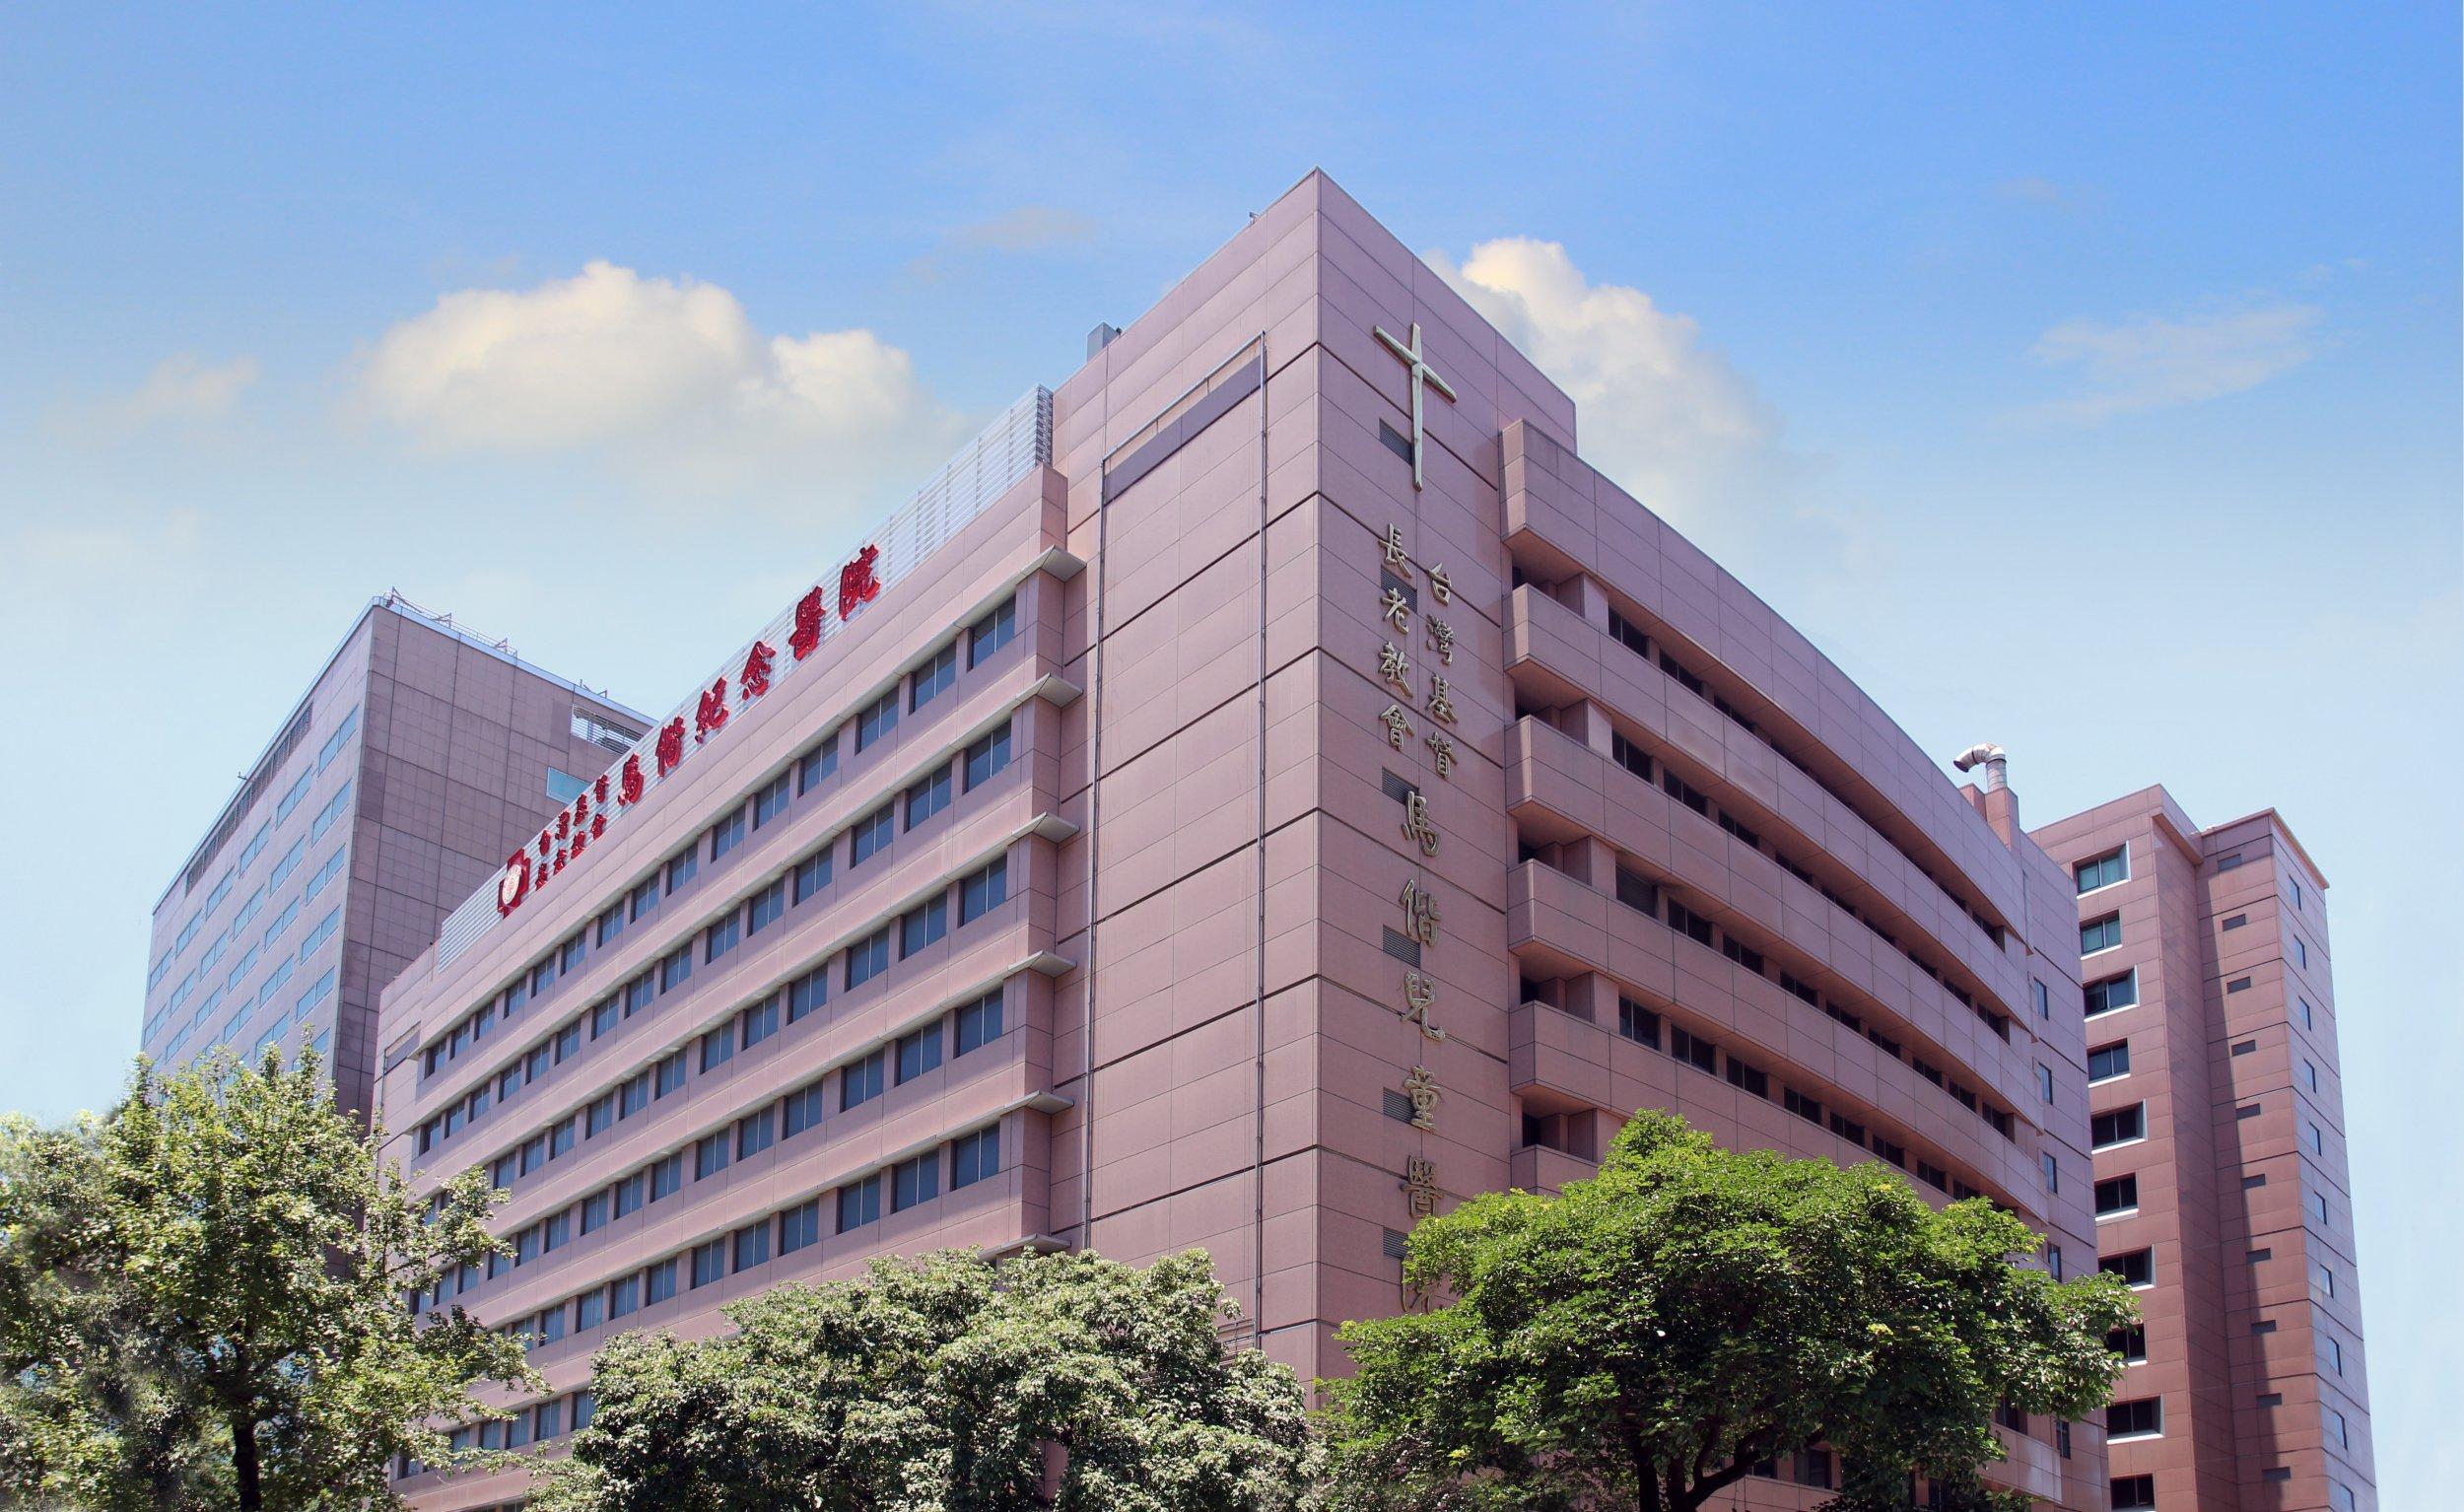 Mackay Memorial Hospital